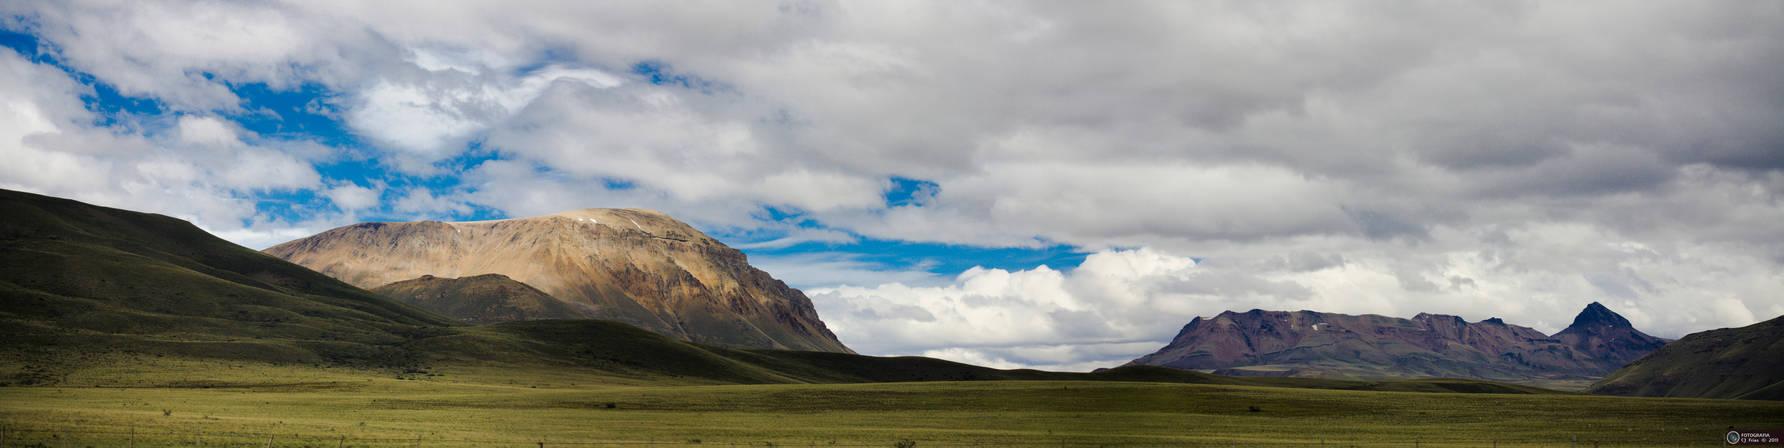 Panoramica Cerros